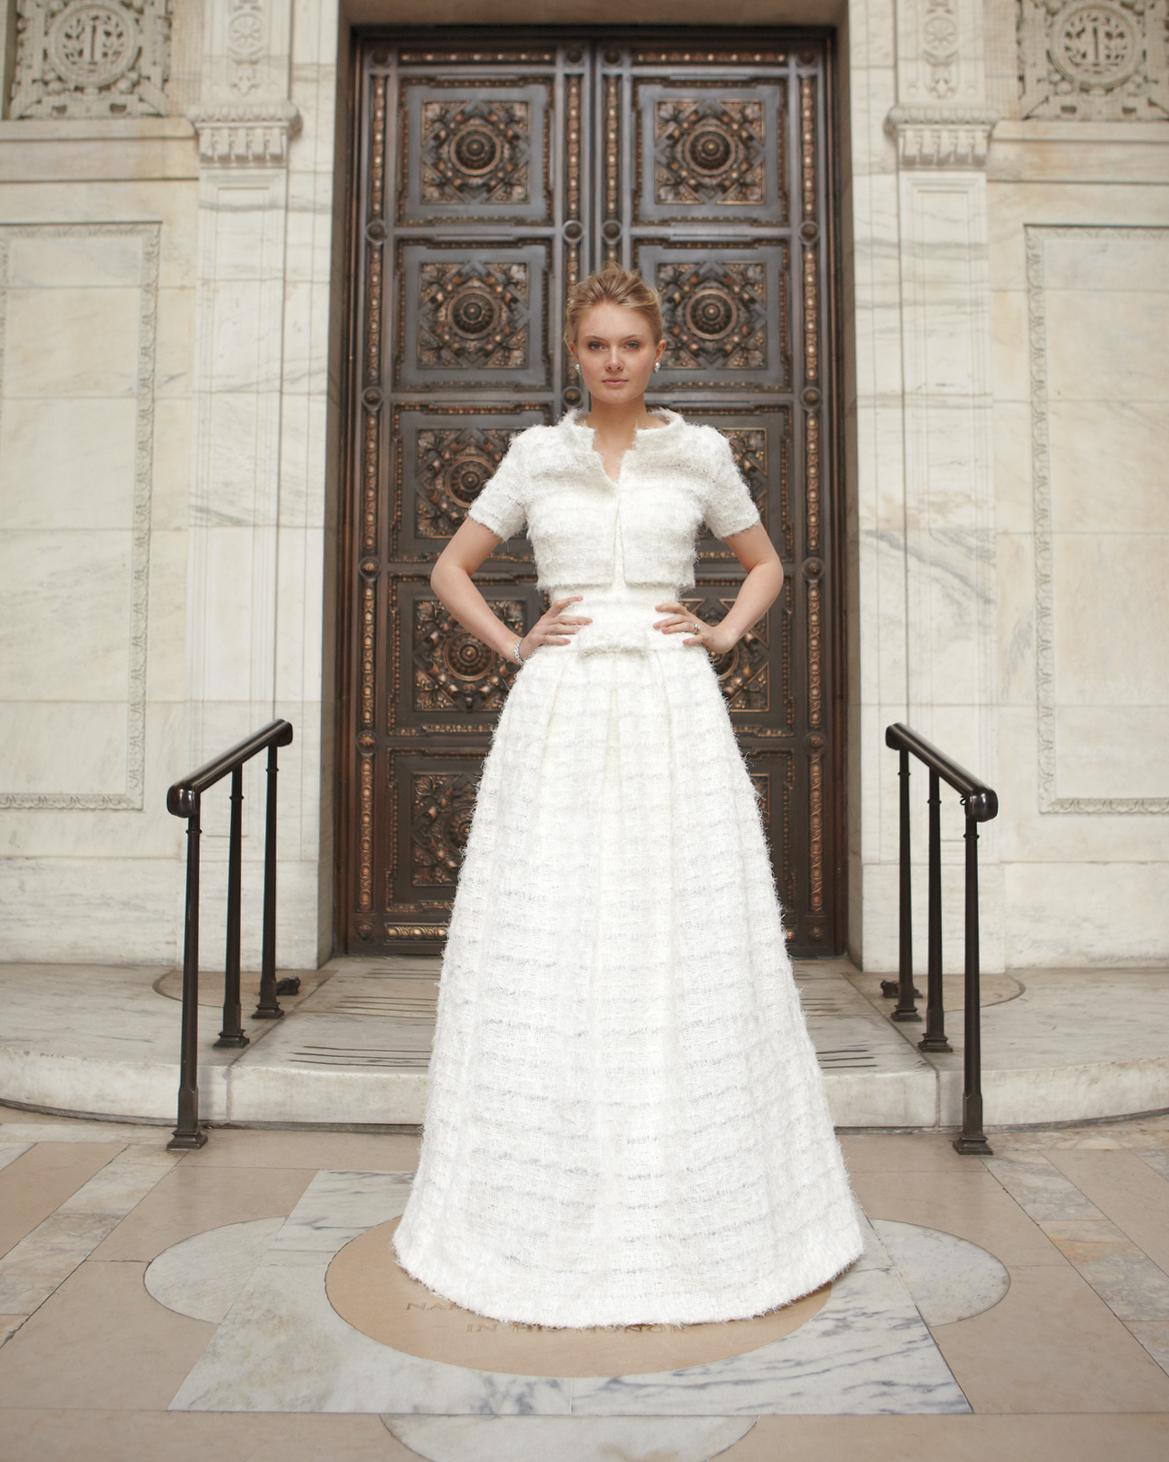 fashion-rosaclara-2877-md108970.jpg